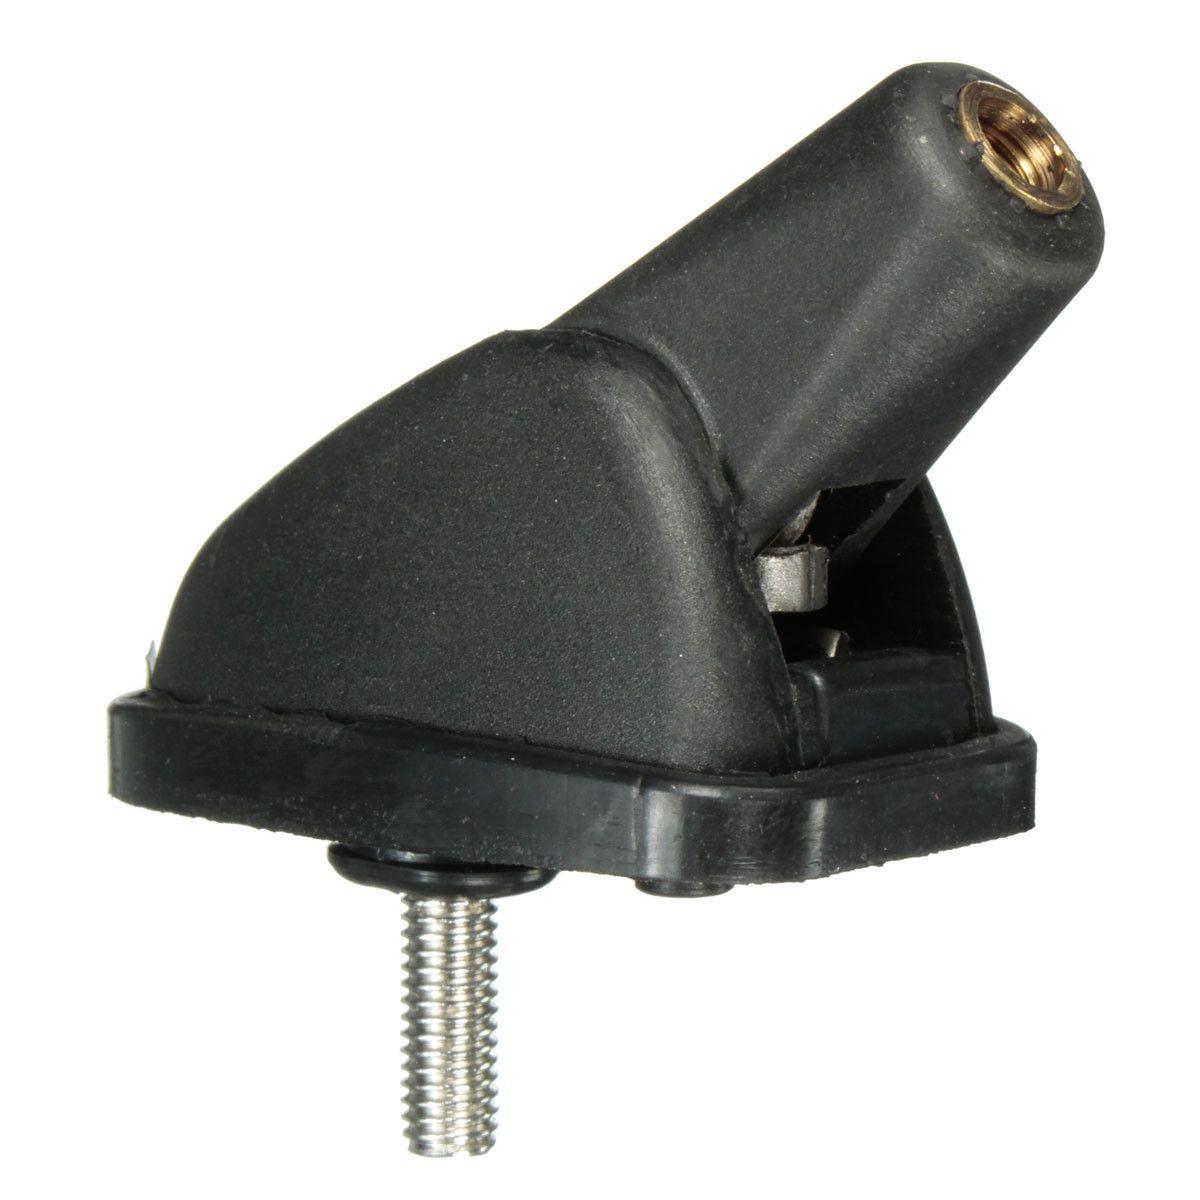 Auto Radio Antenne Basis Halter Für Nissan Micra 2001-2010 für Almera 2001-2006 28216BC20A